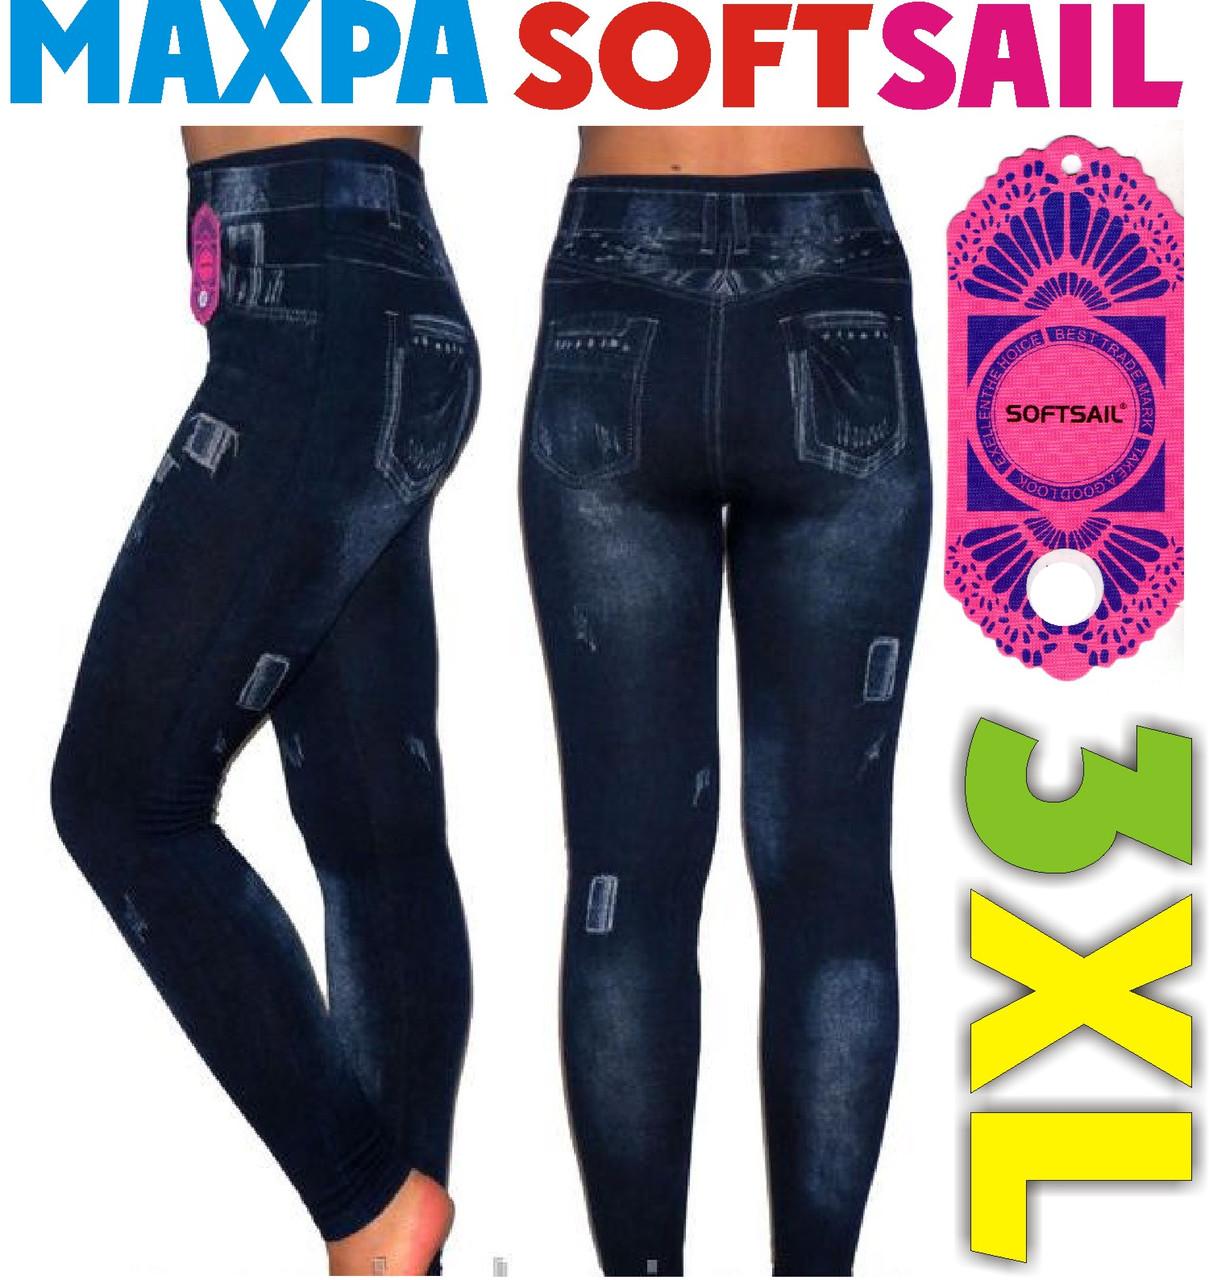 Лосины - леггинсы под джинсы внутри махра SOFTSAIL синие 3XL размер джеггинсы ЛЖЗ-12155